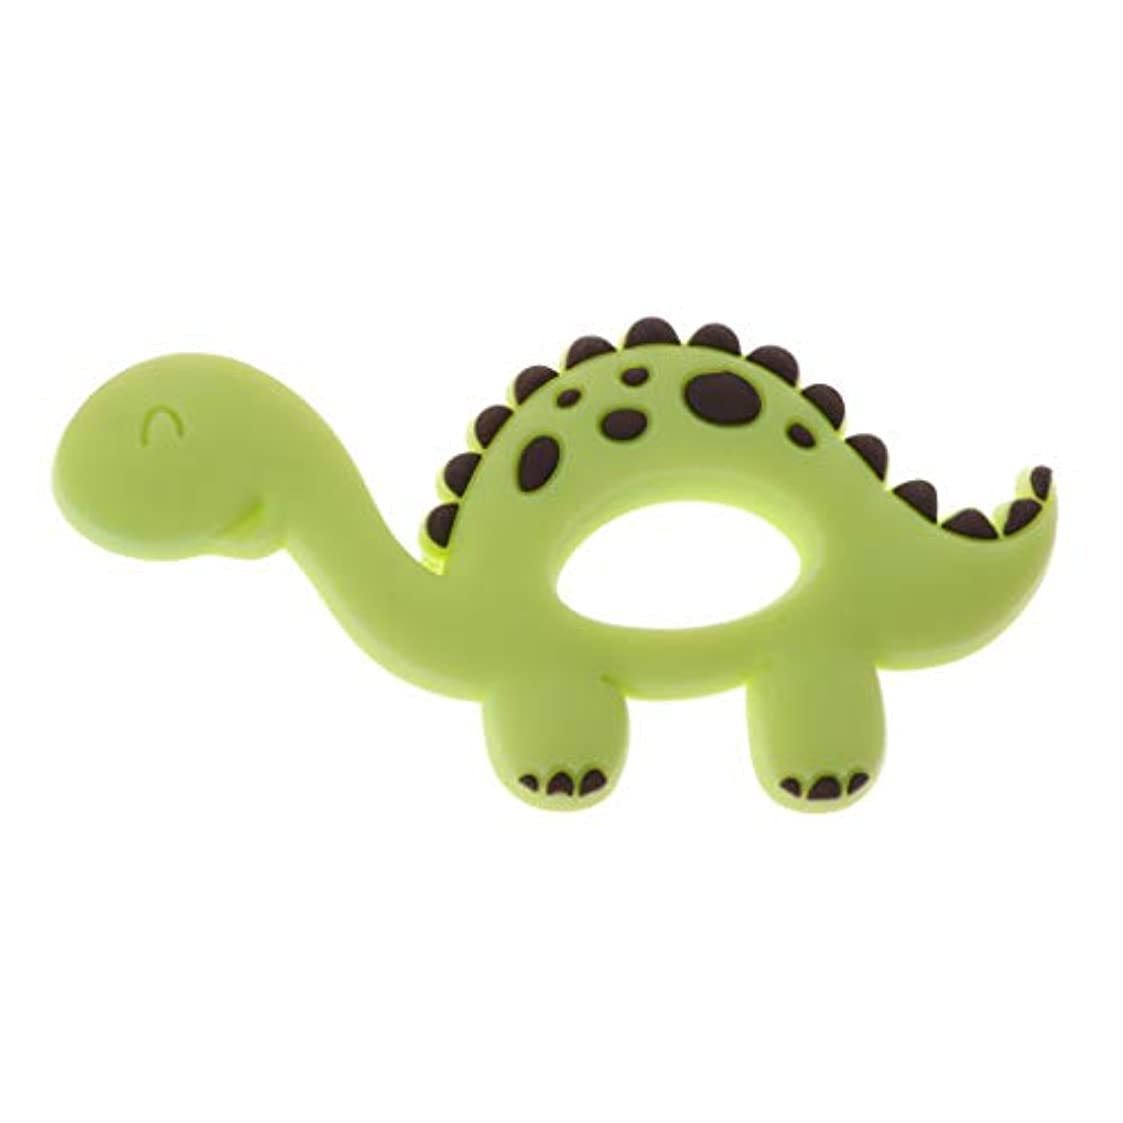 麻痺ラオス人簿記係Landdumシリコーンおしゃぶり恐竜シリコーンおしゃぶり赤ちゃん看護玩具かむ玩具歯を作るガラガラおもちゃ - 青